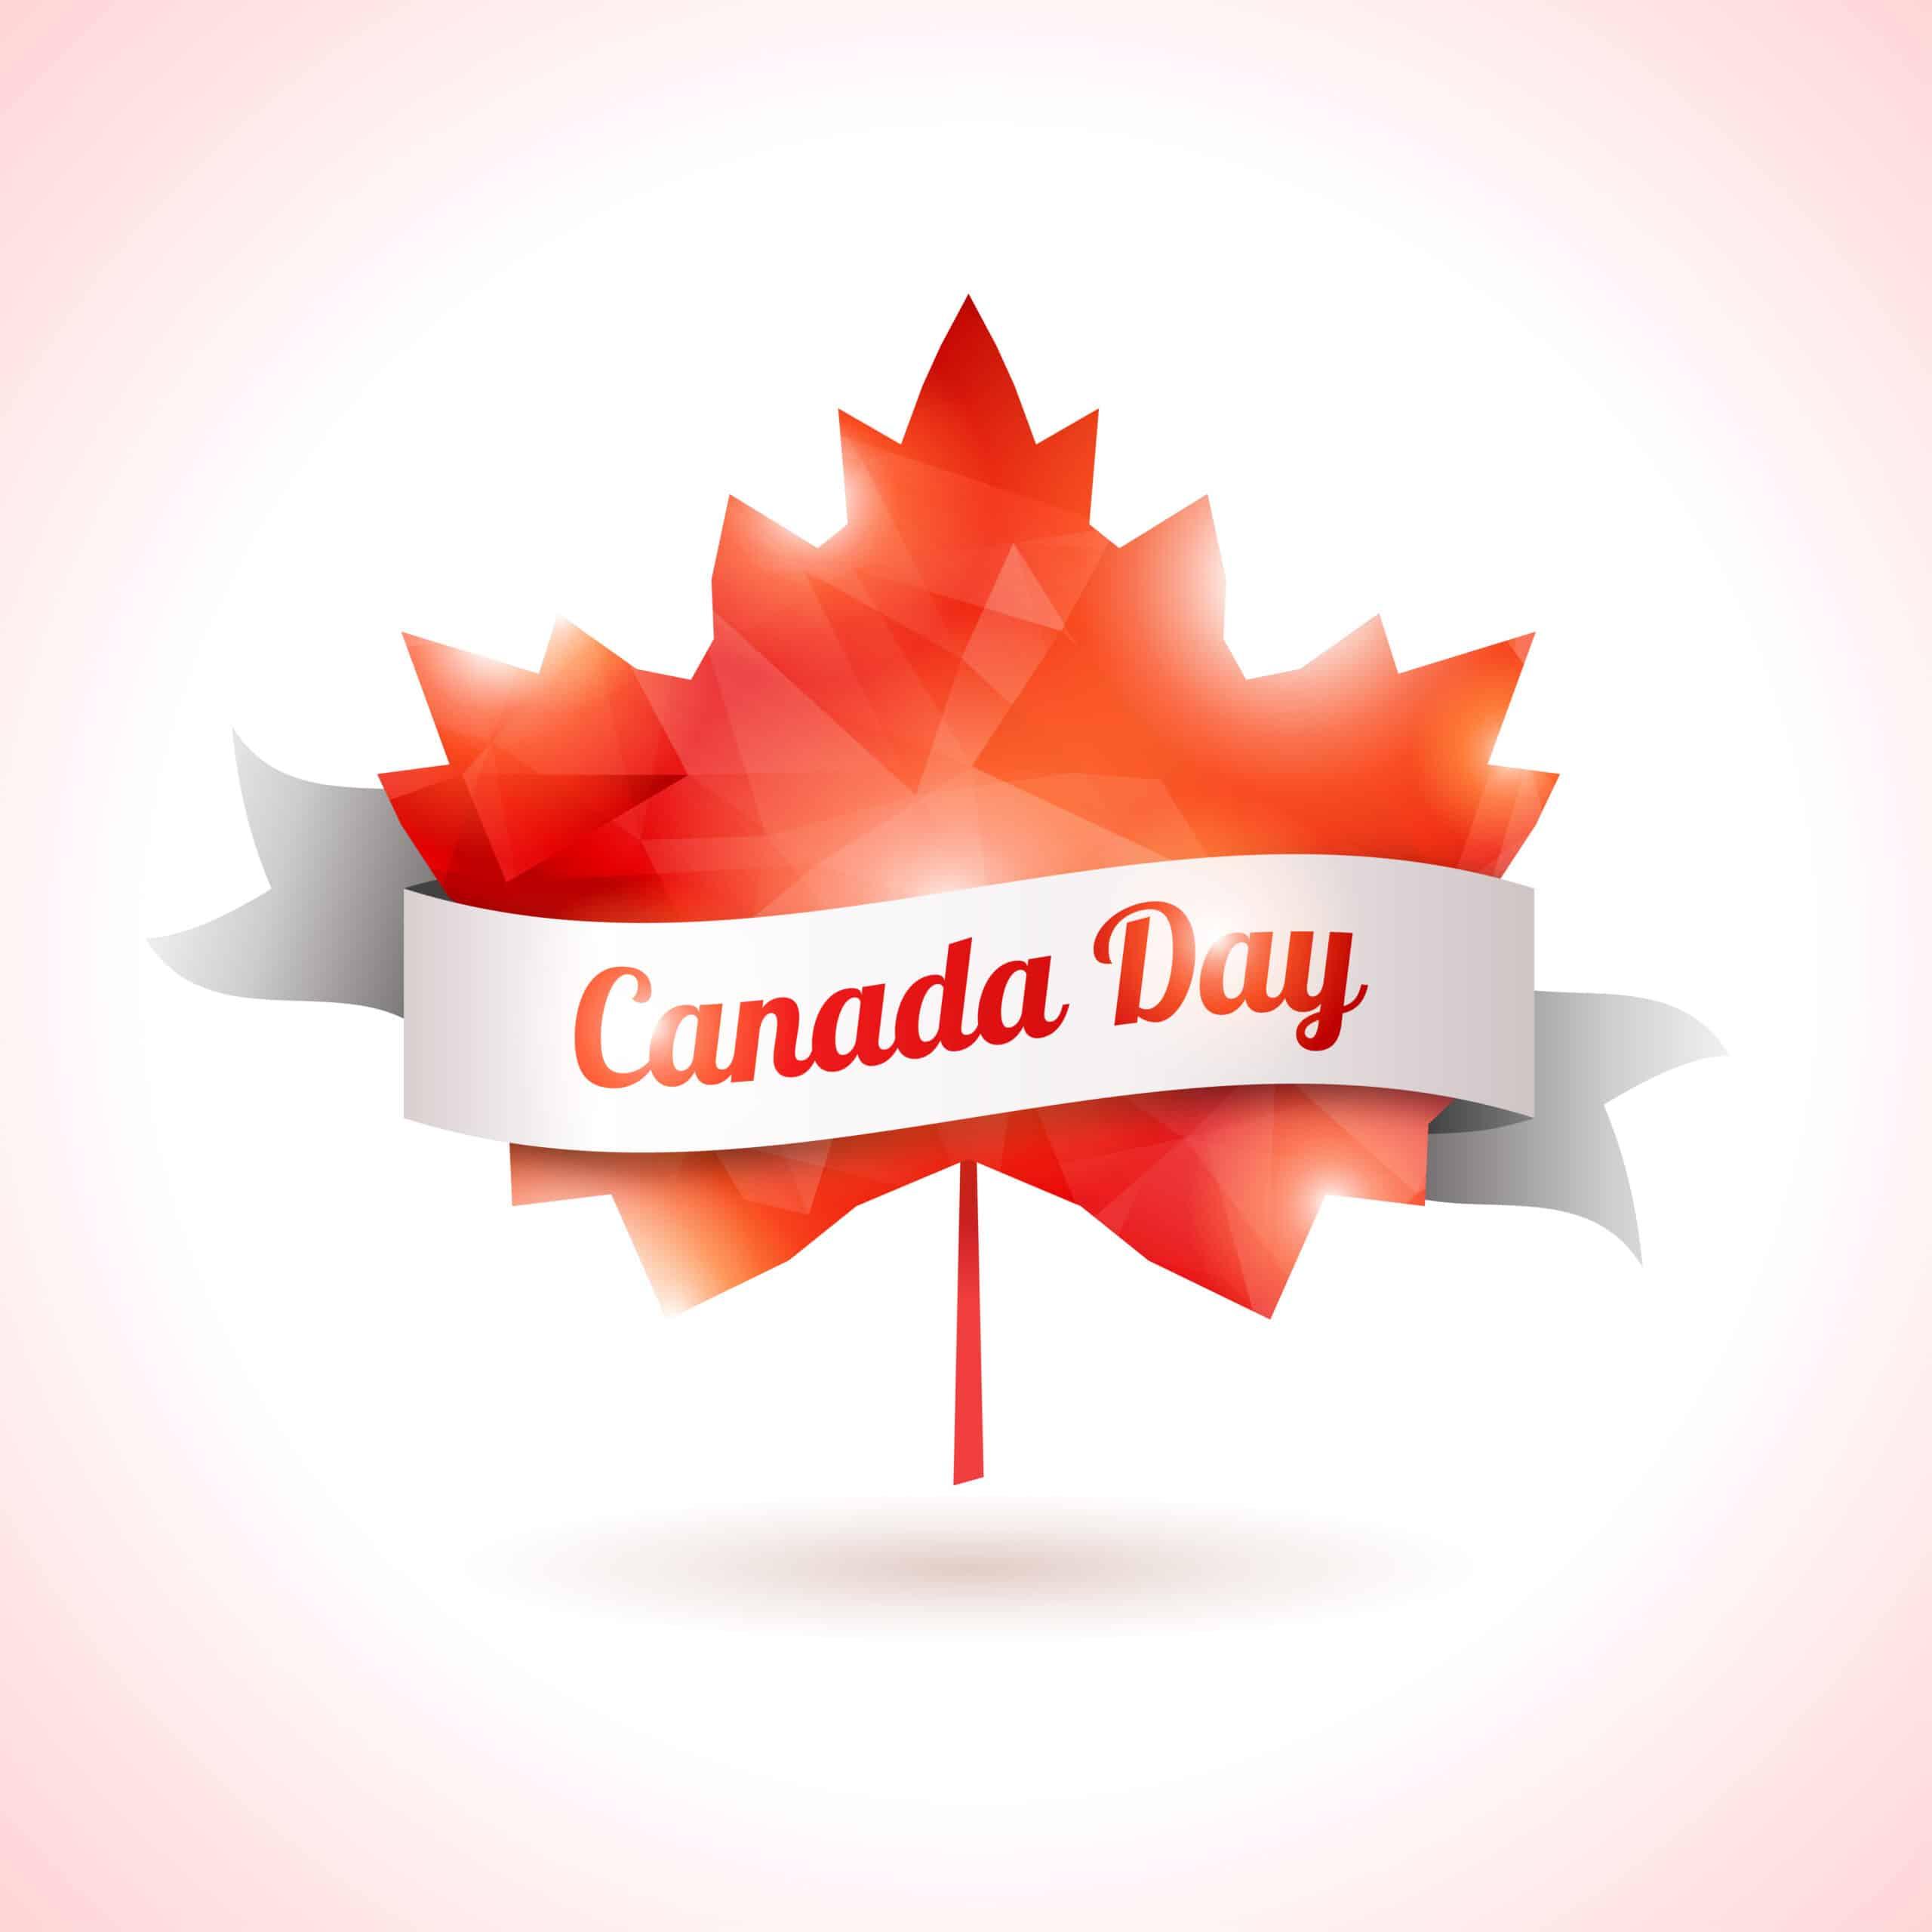 Allgemein-Canada Day